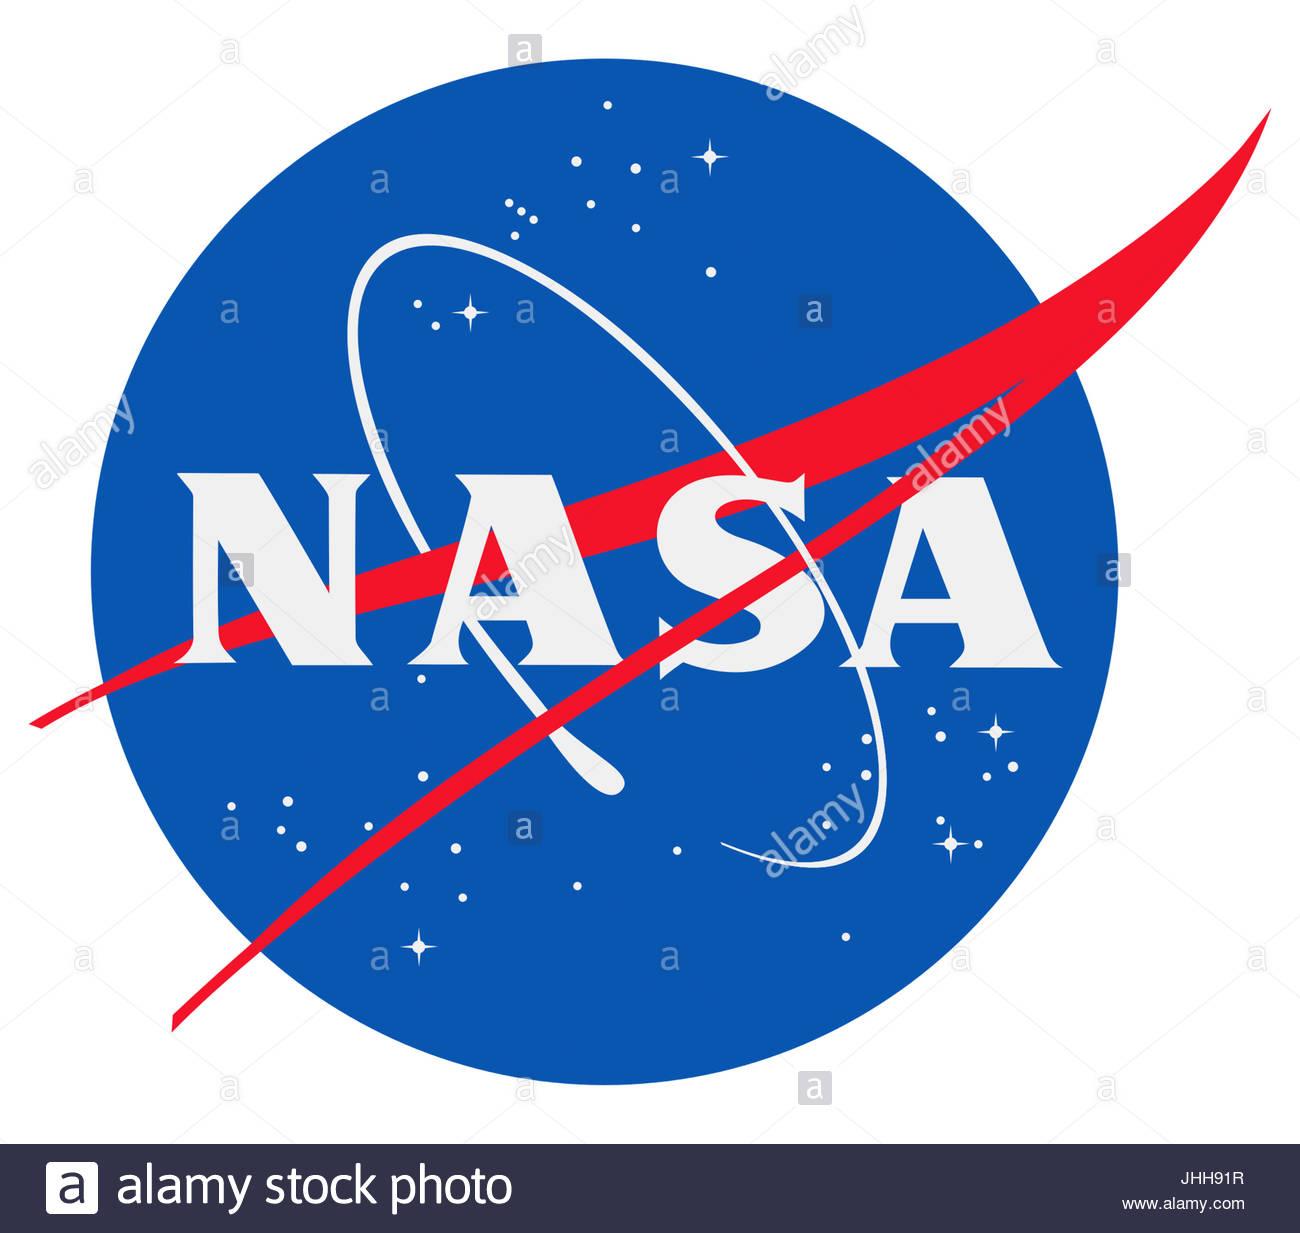 NASA logo icon - Stock Image